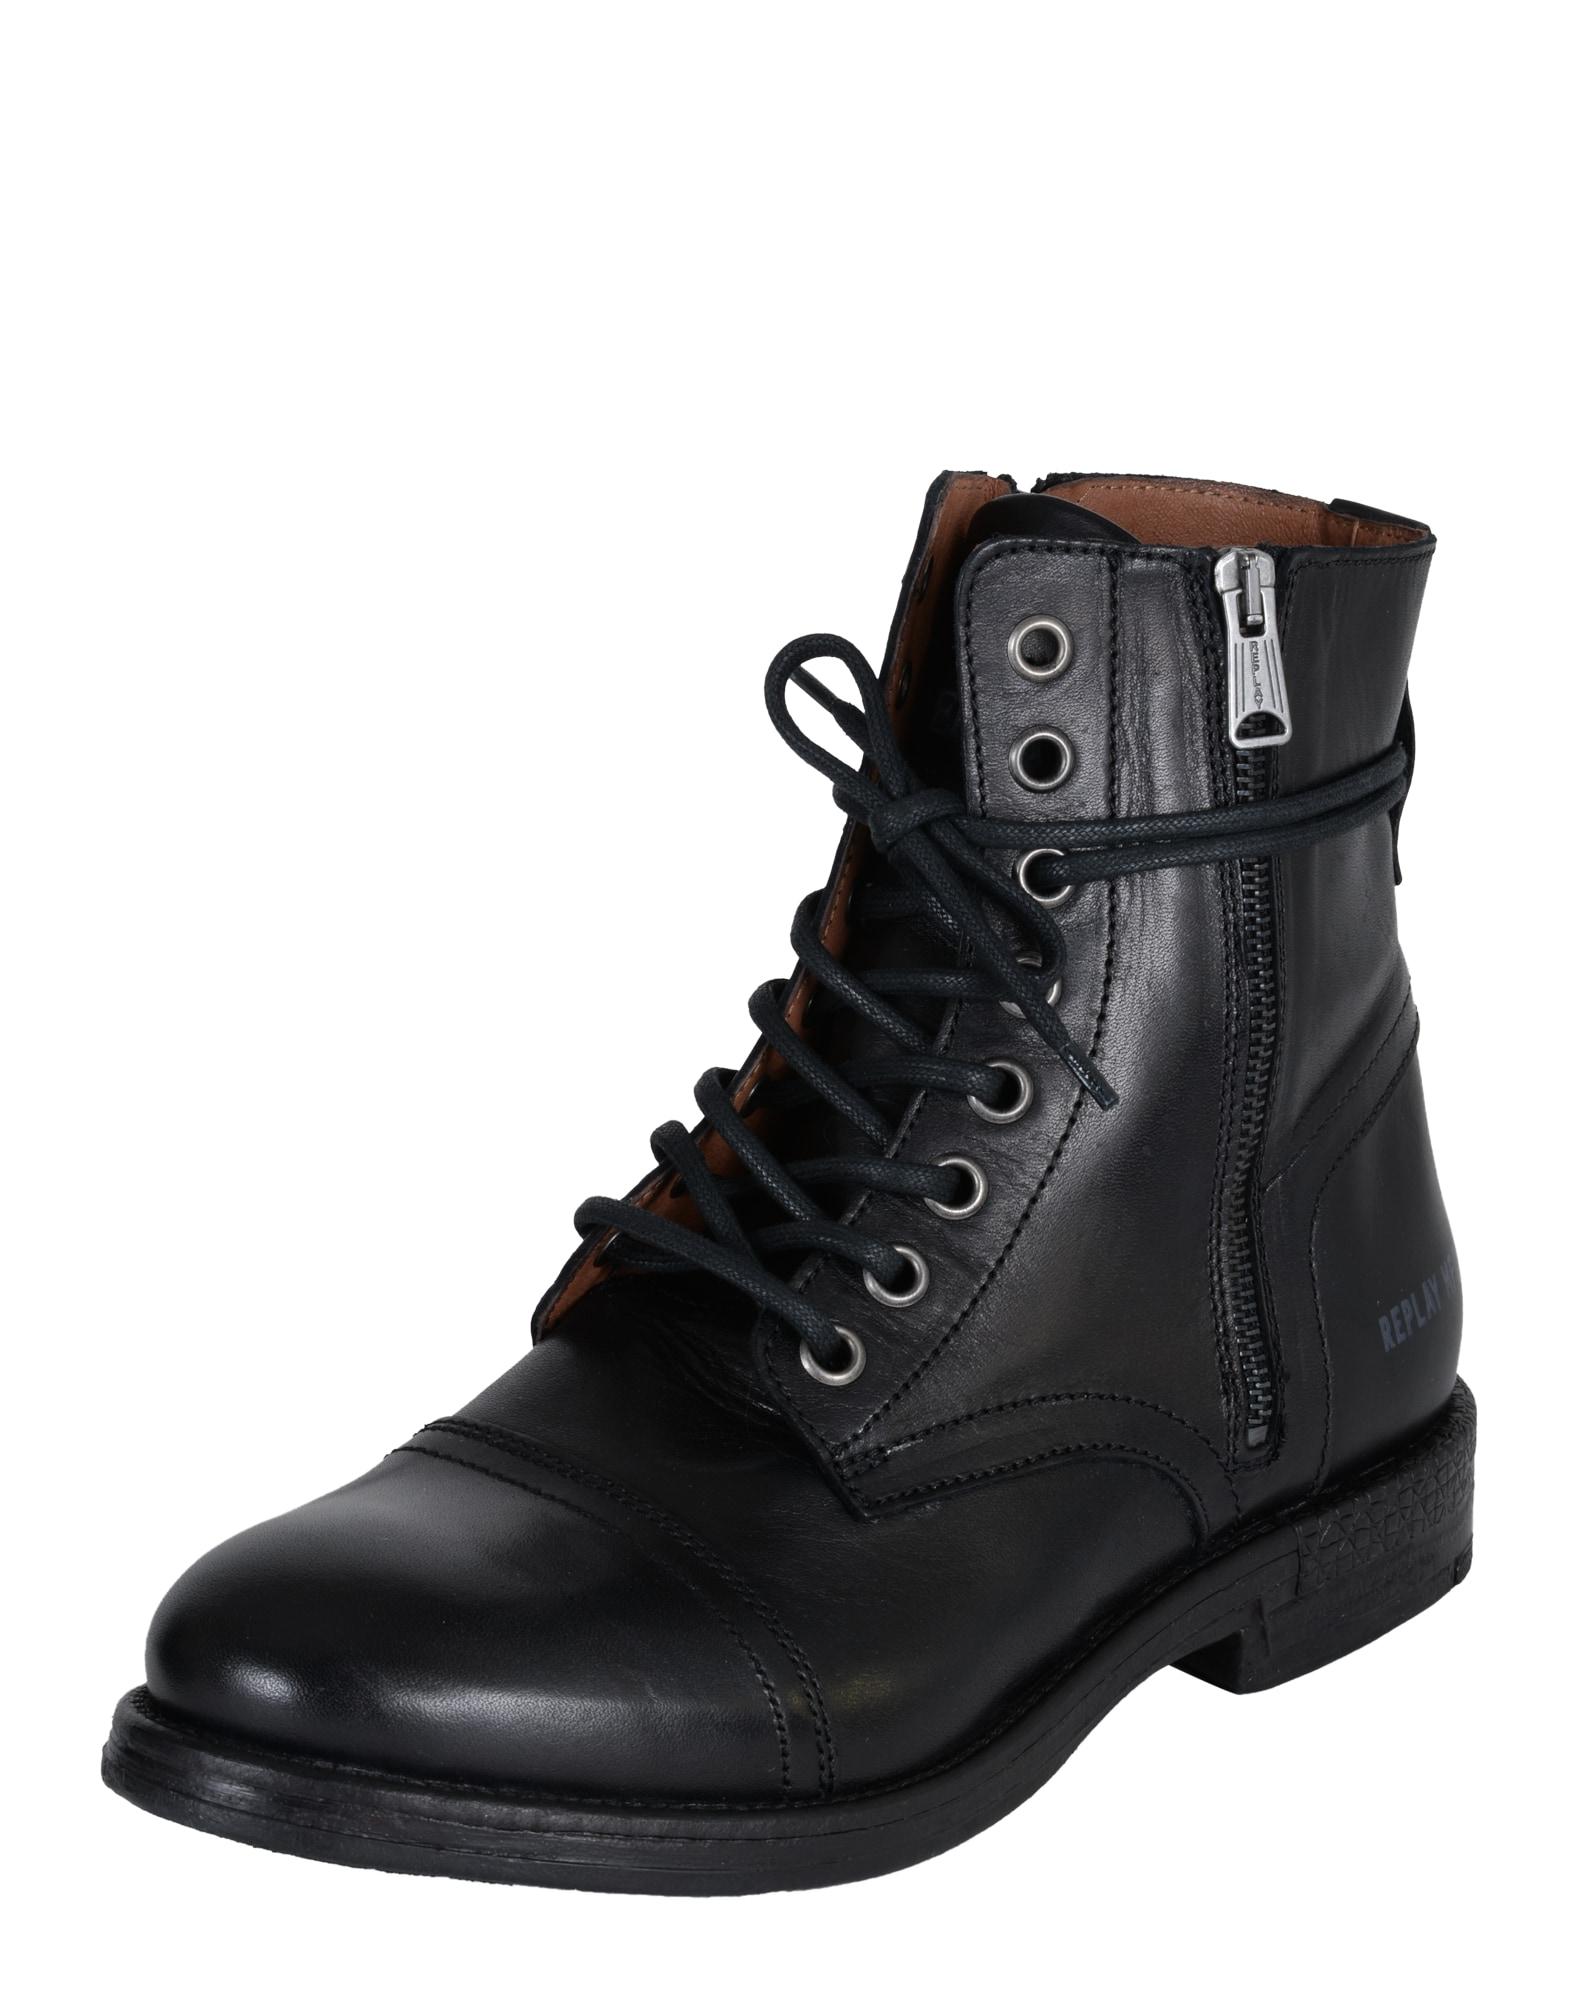 Bikerboots | Schuhe > Boots > Bikerboots | Replay